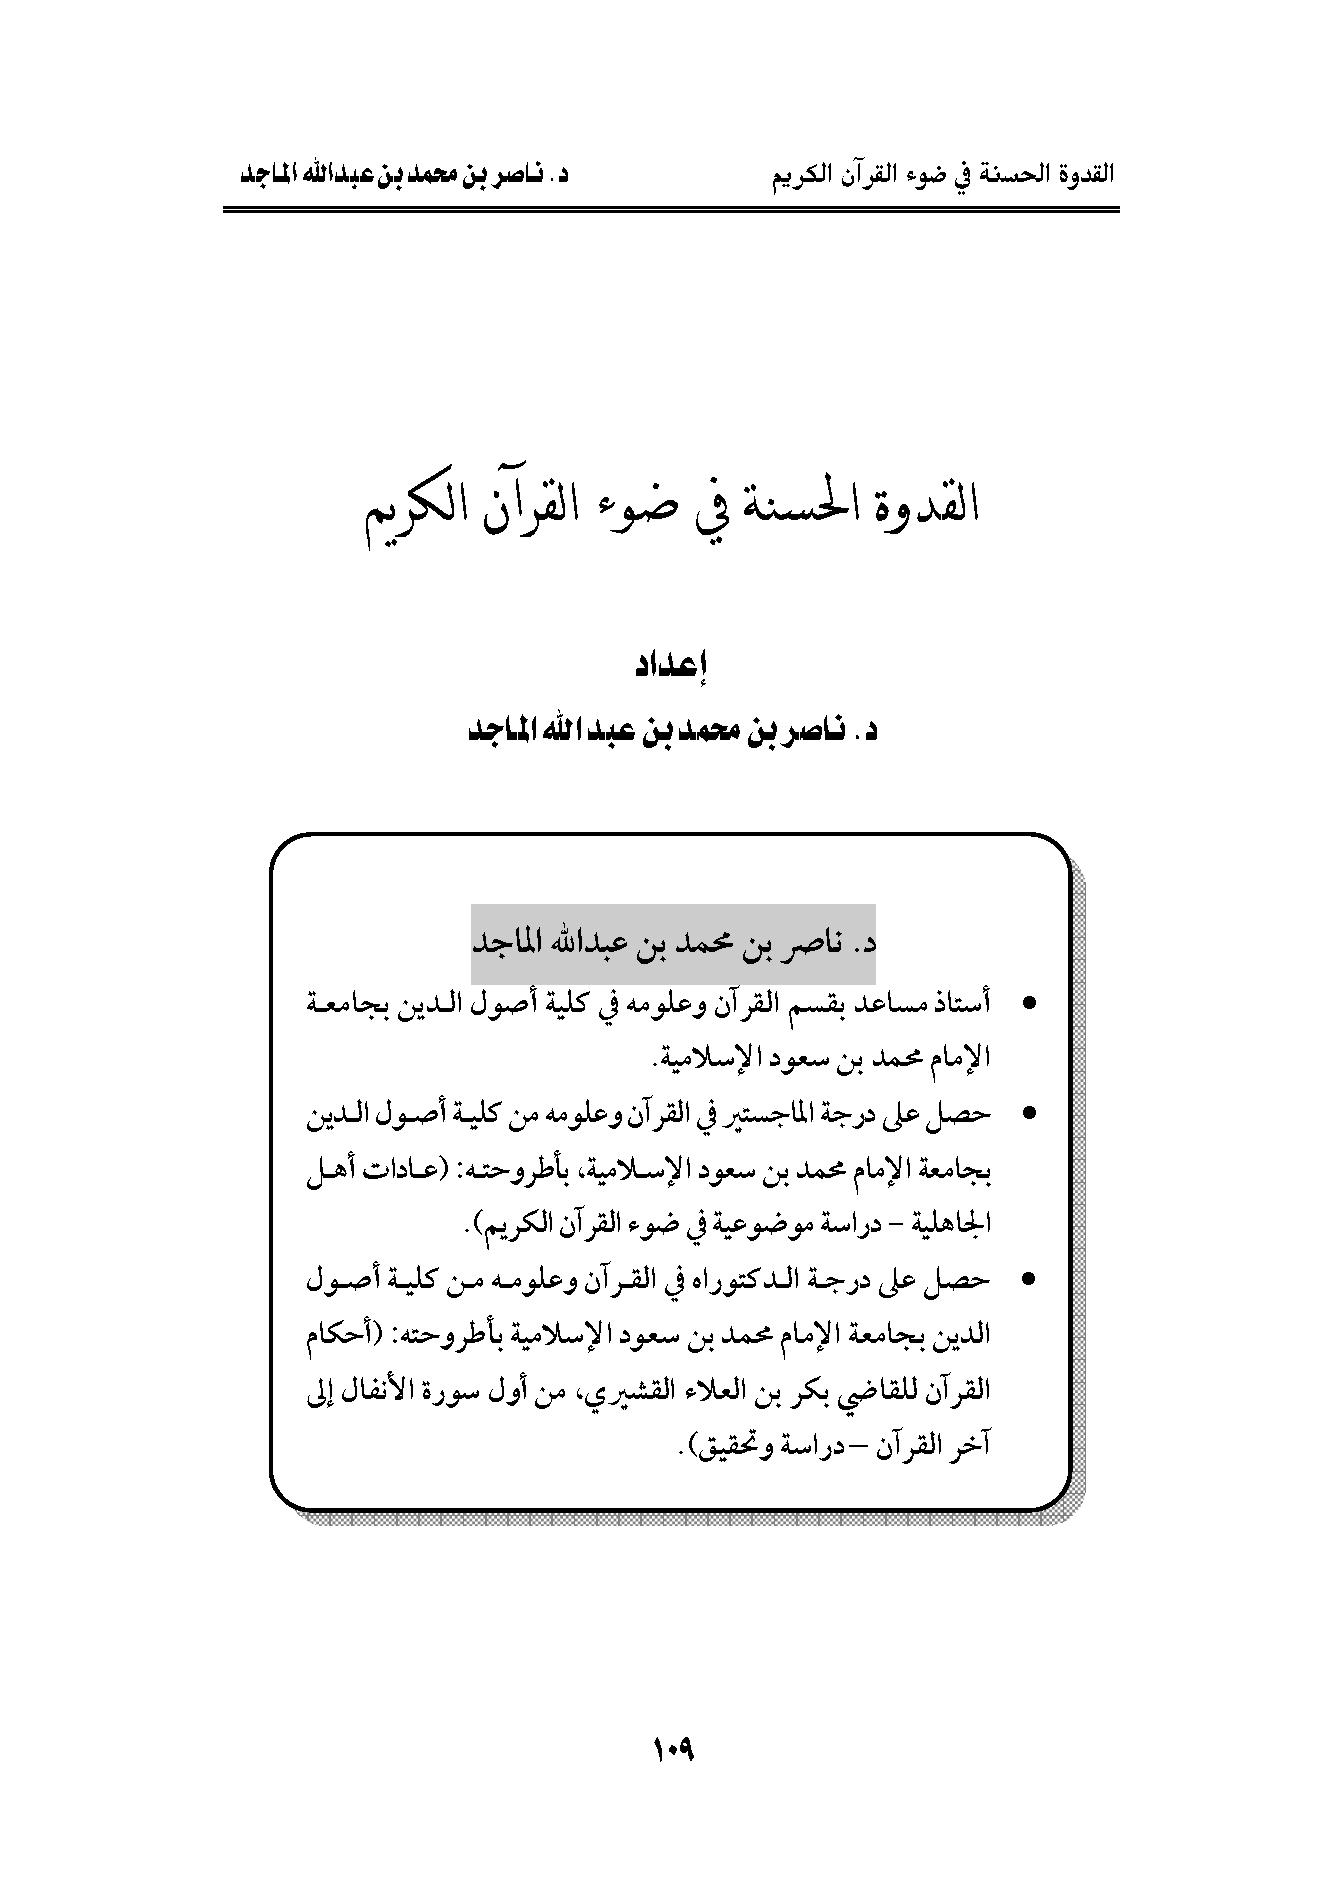 تحميل كتاب القدوة الحسنة في ضوء القرآن الكريم لـِ: الدكتور ناصر بن محمد الماجد